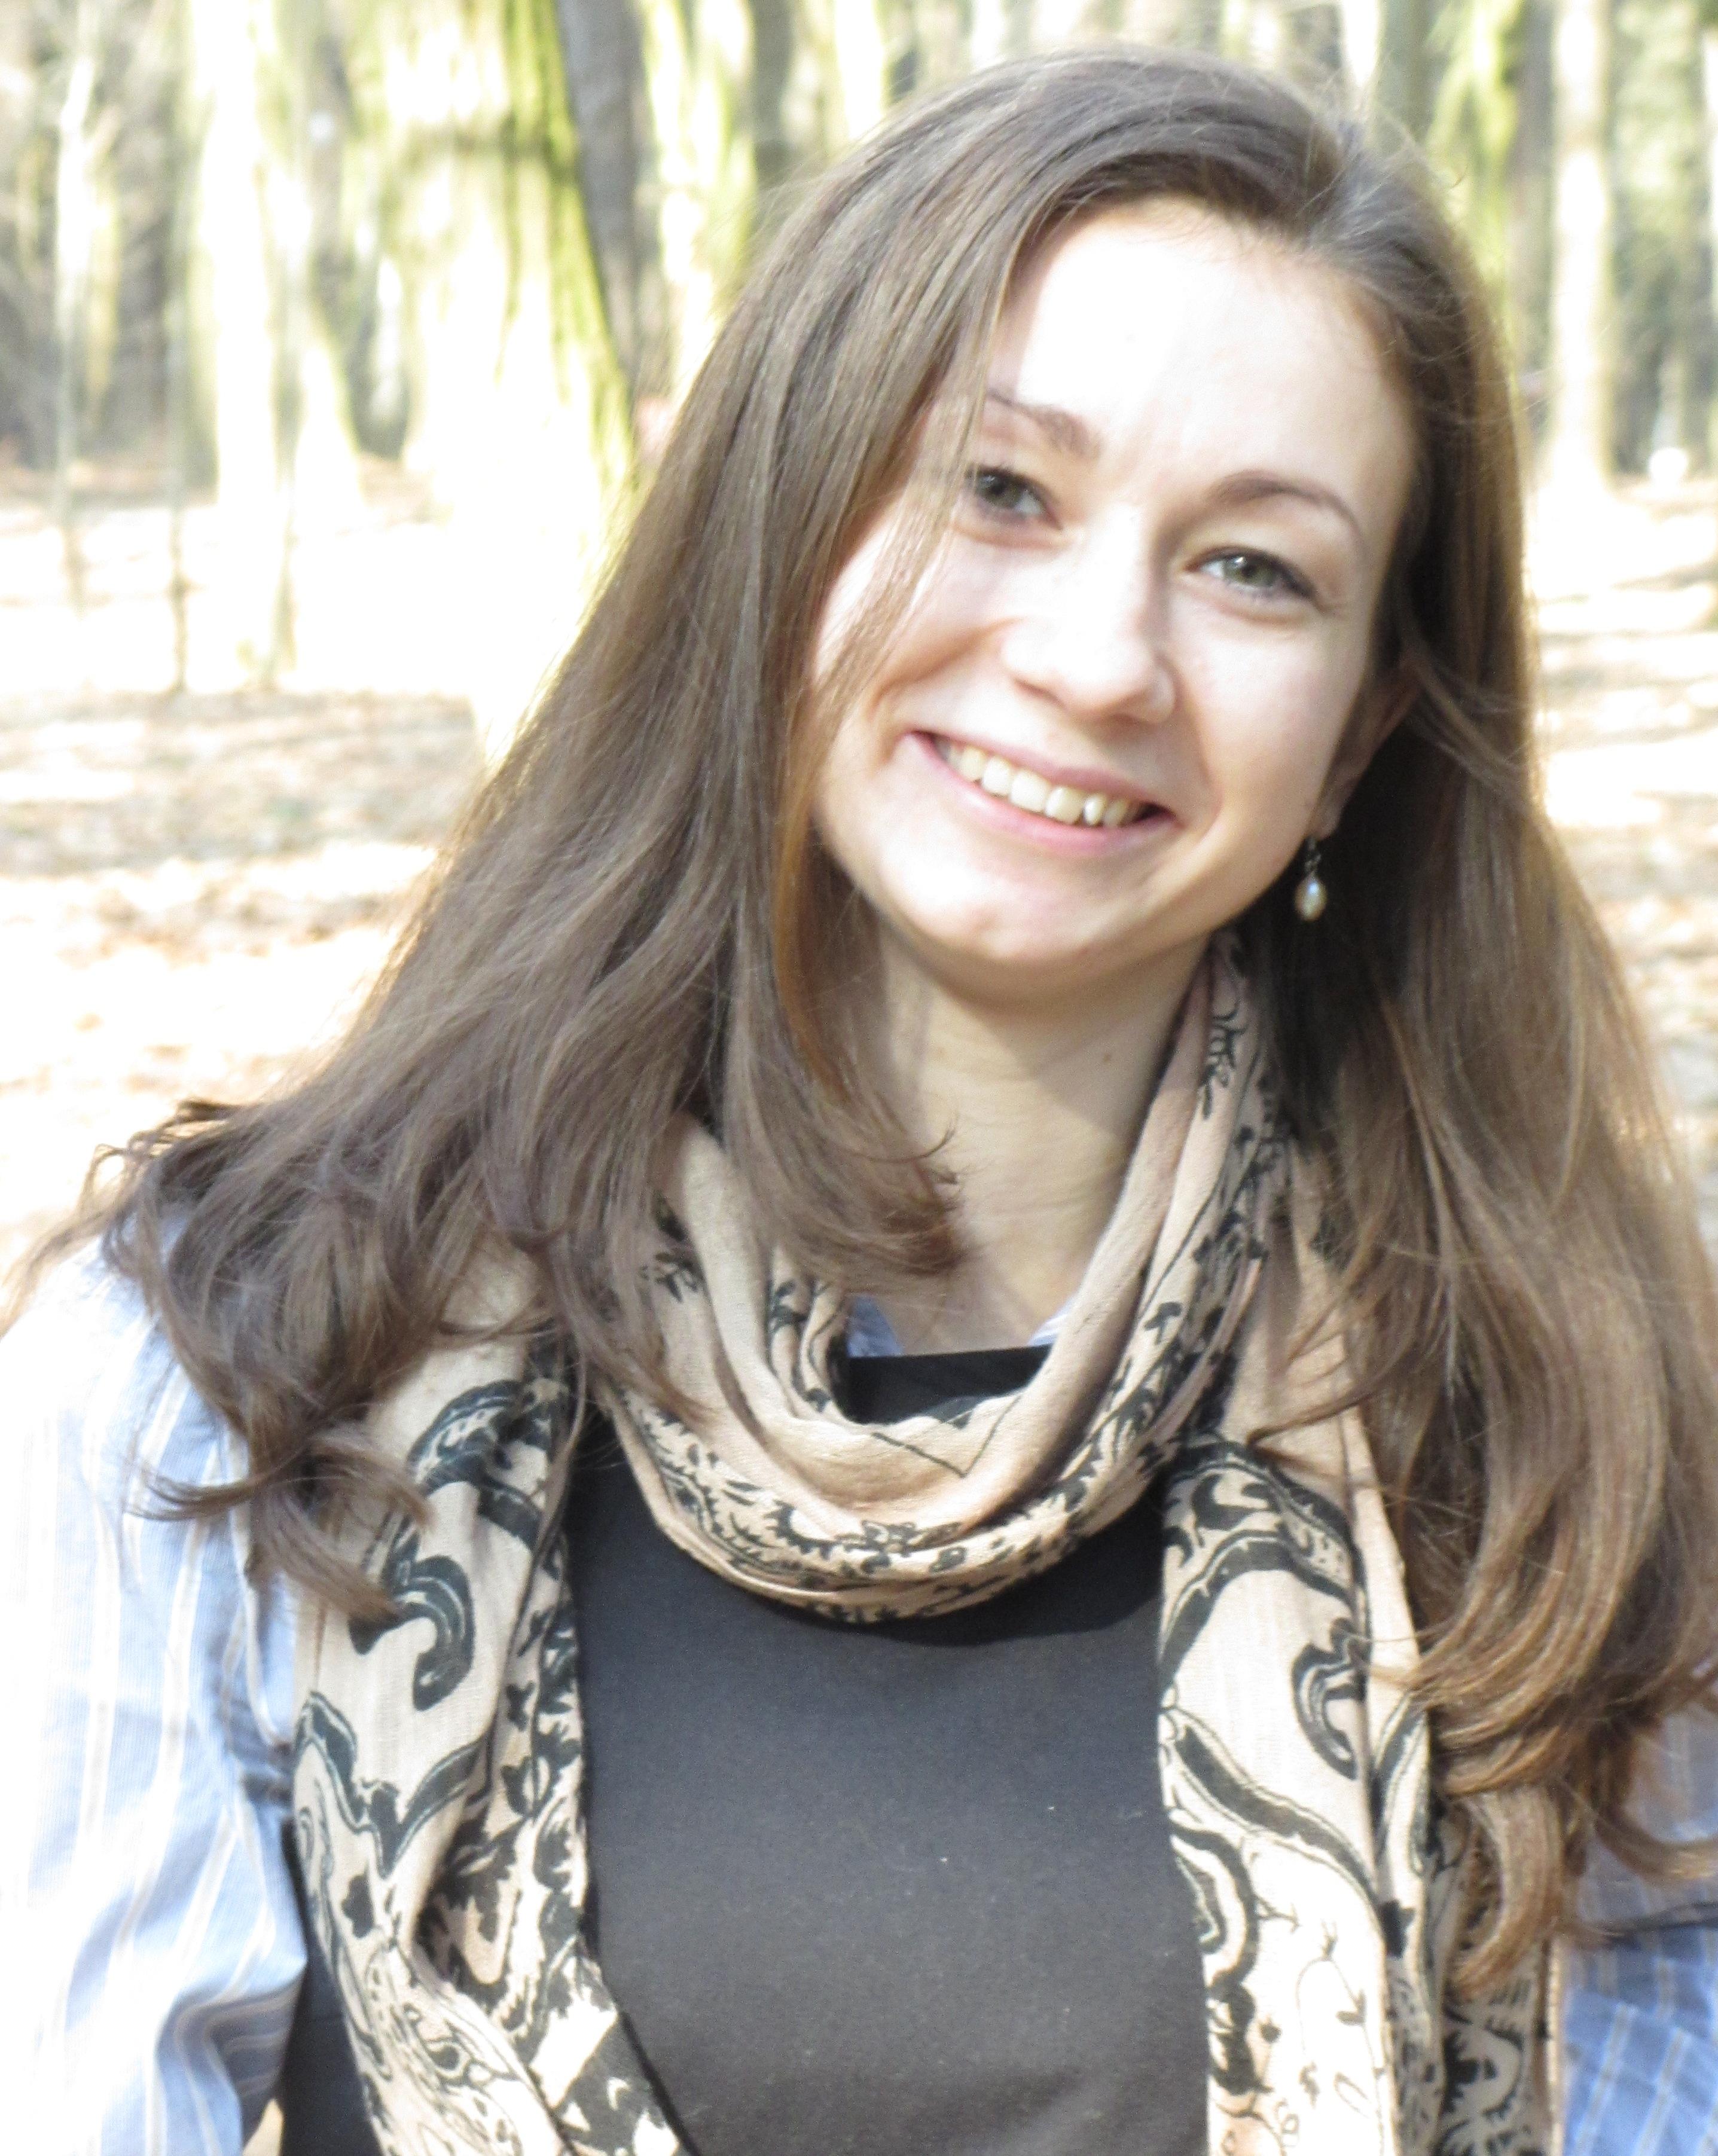 Кратович Евгения Анатольевна - преподаватель английского языка в Минске